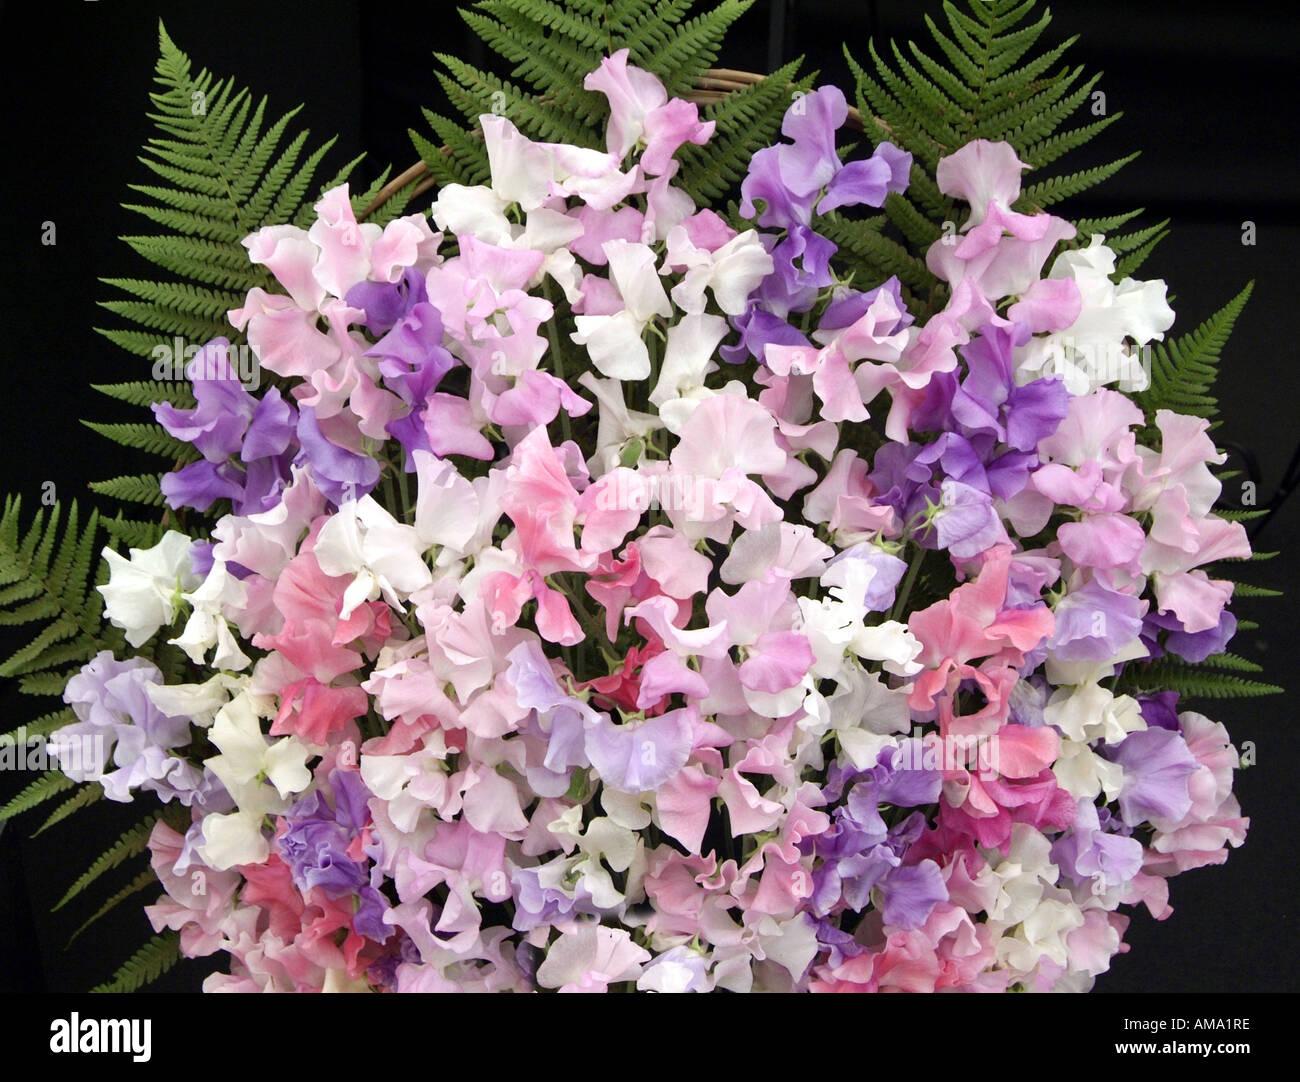 Bouquet de lilas mauve rose blanc masse pois mixte Lathyrus odoratus annuelle Banque D'Images